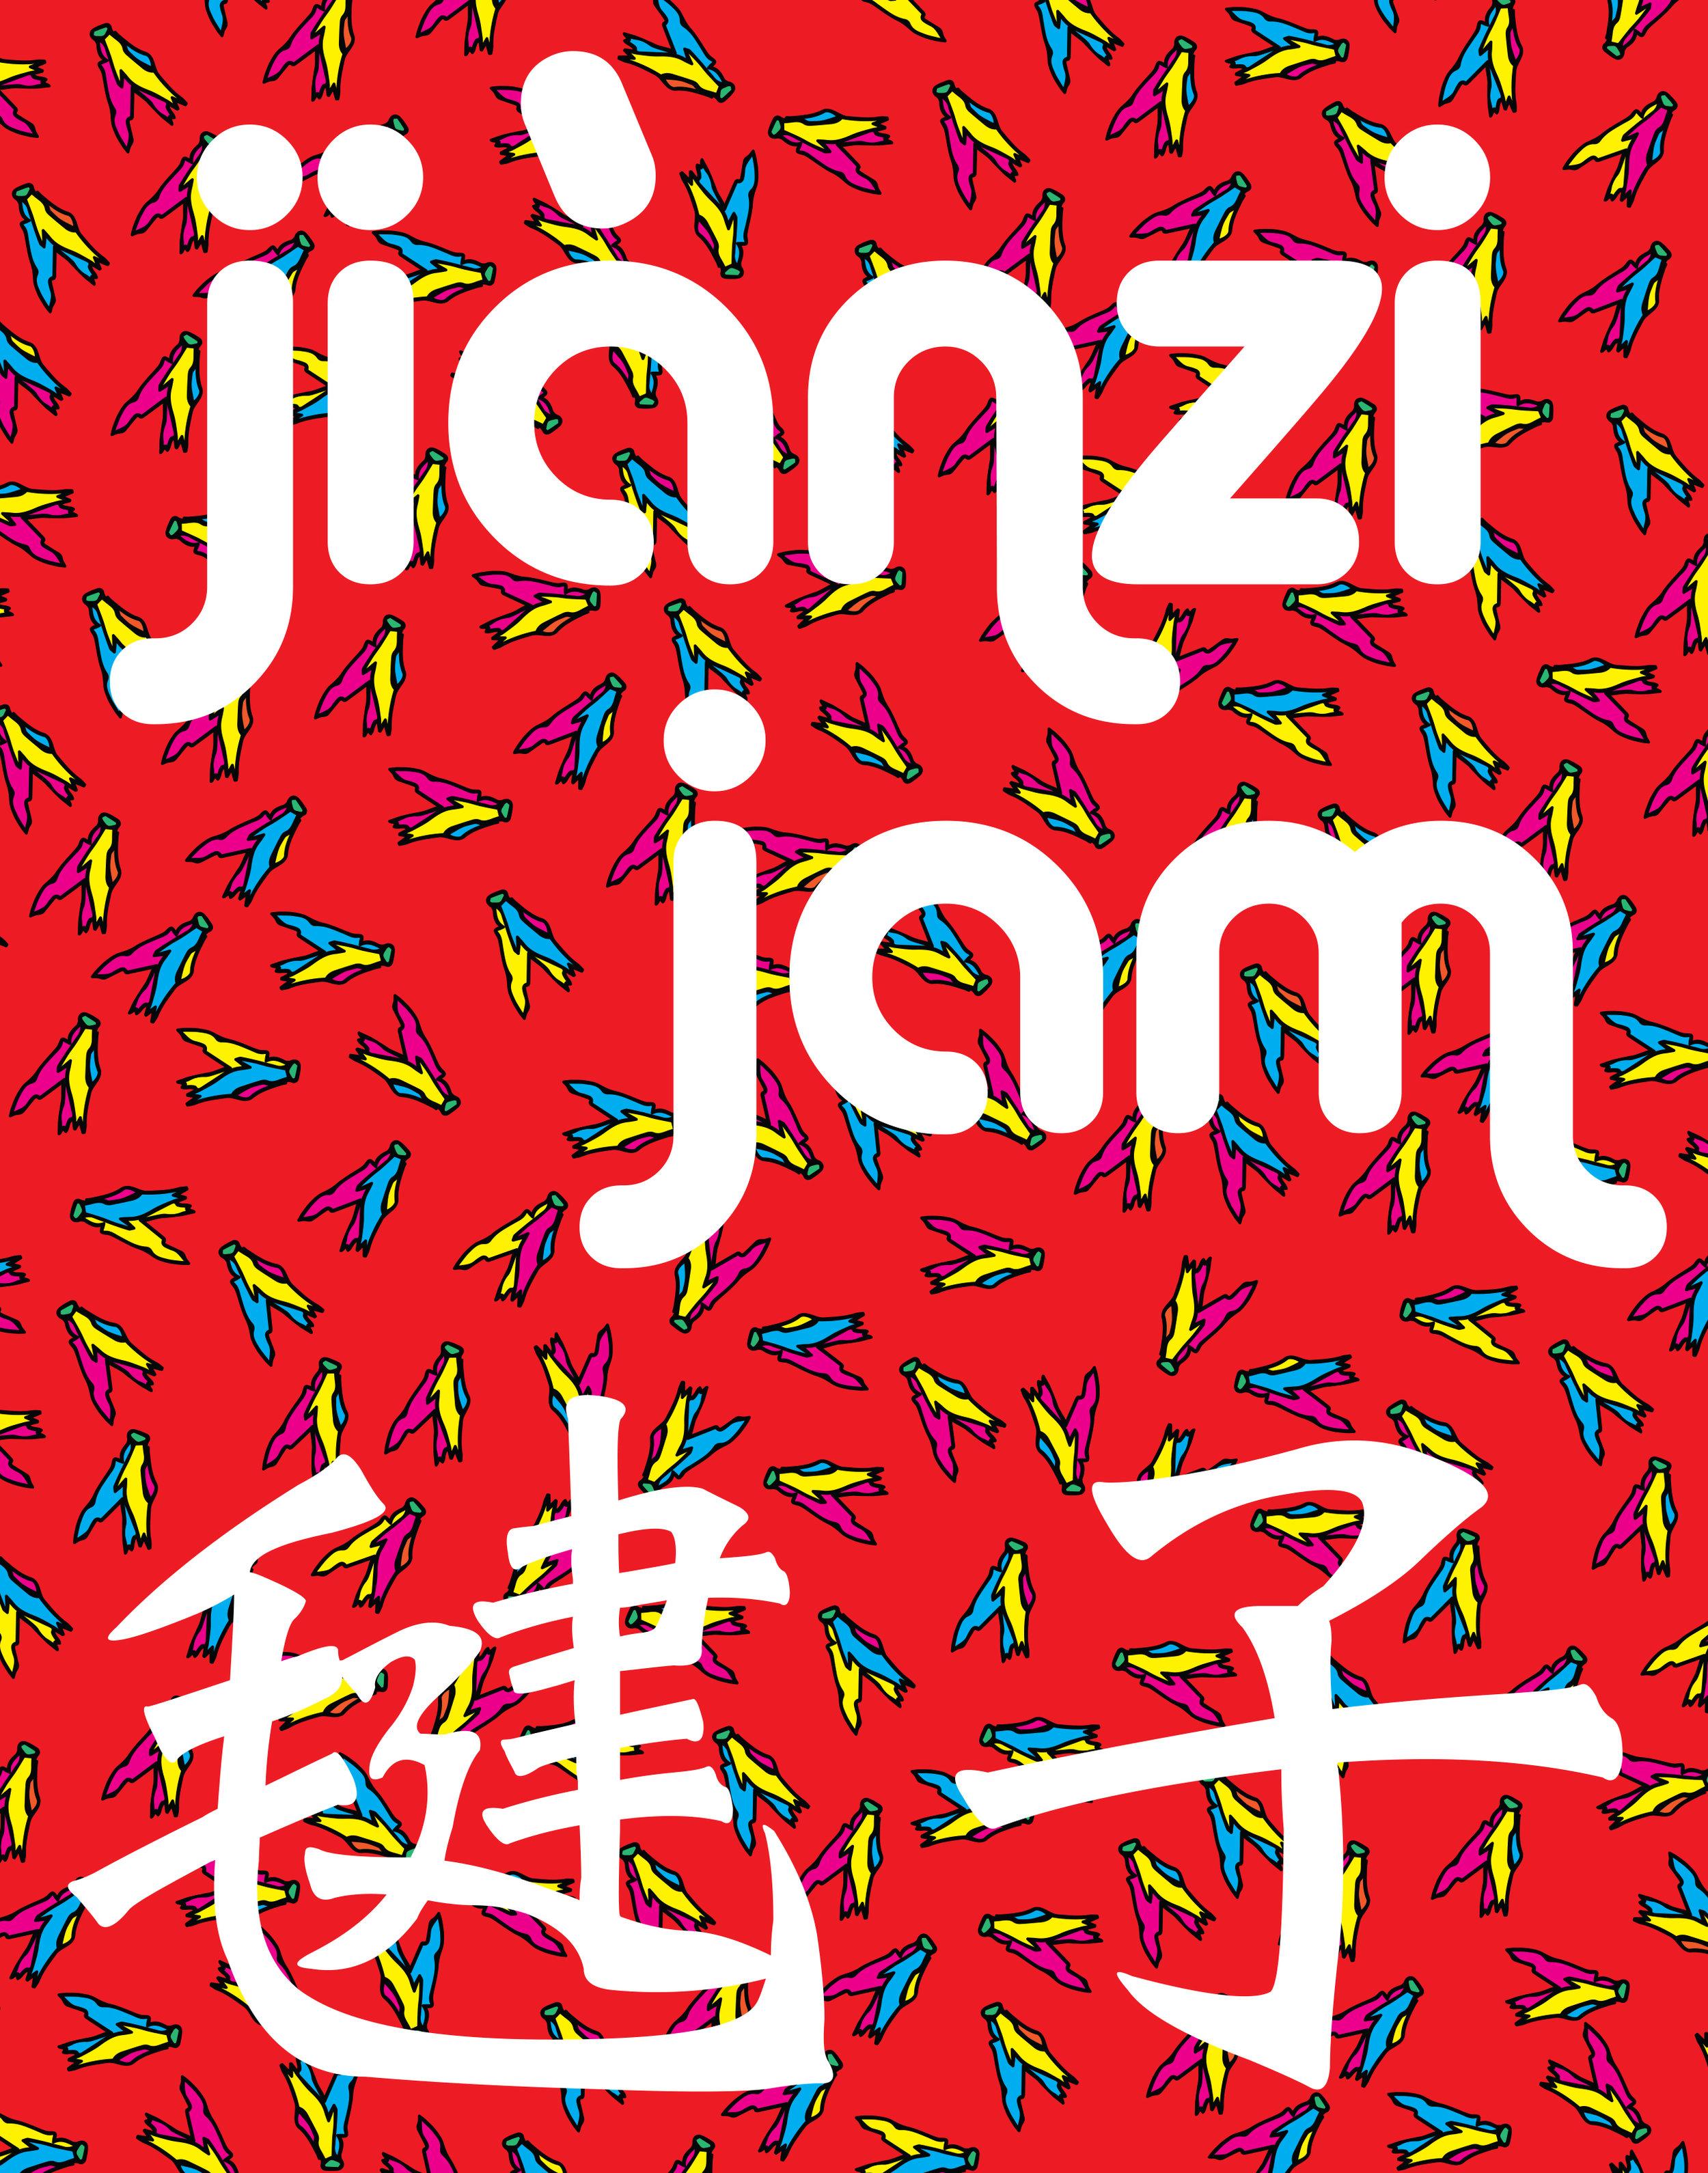 Jianzi-2